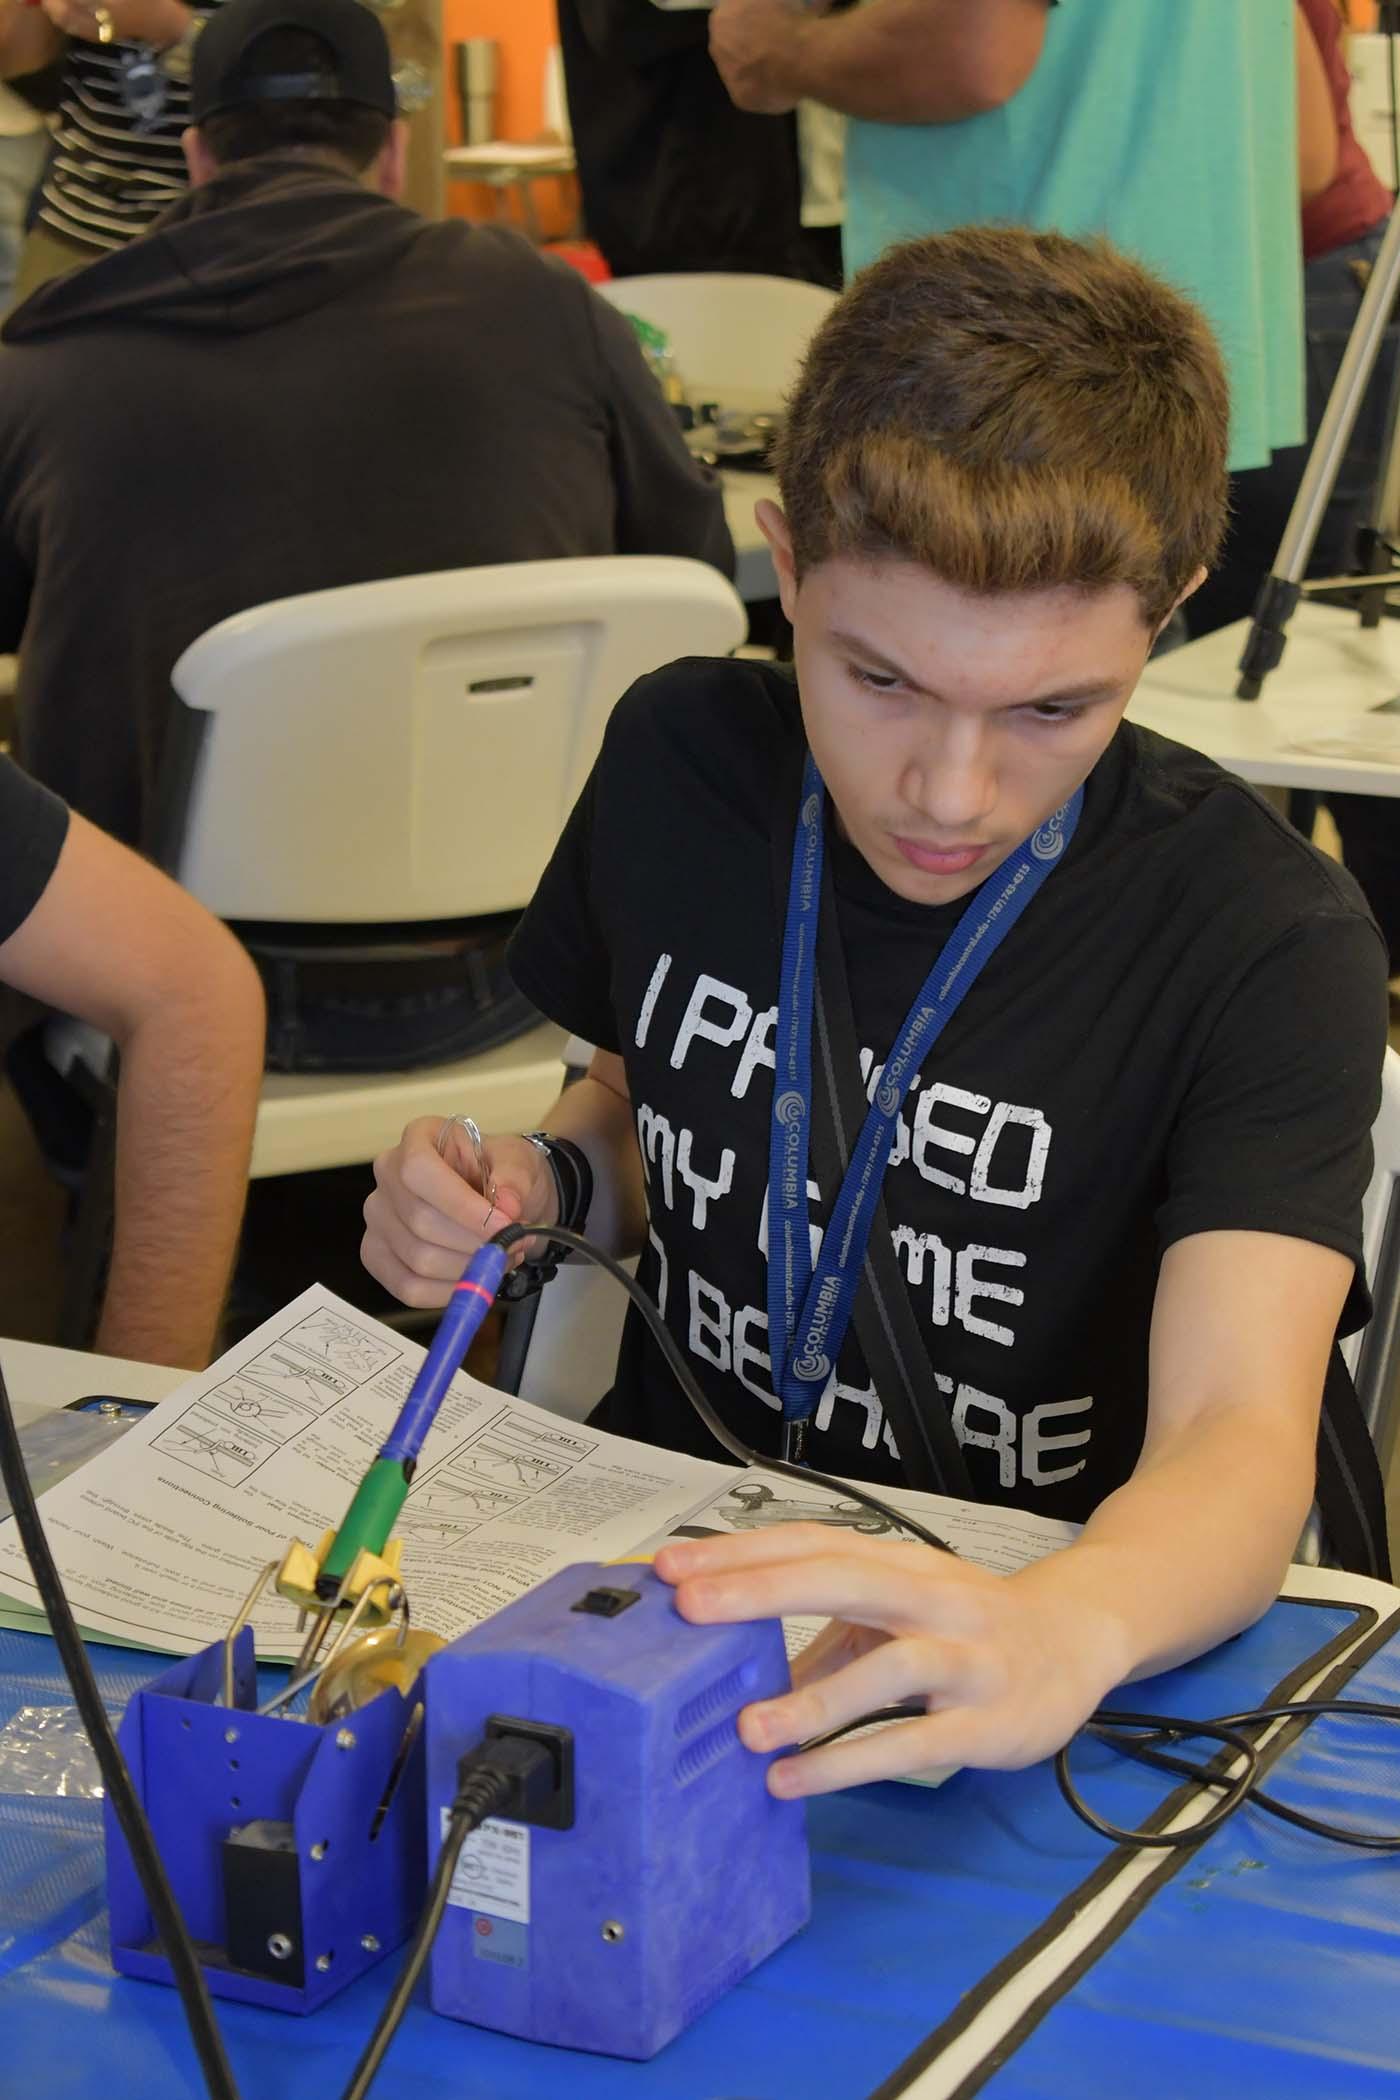 Participante del taller trabajando en su proyecto